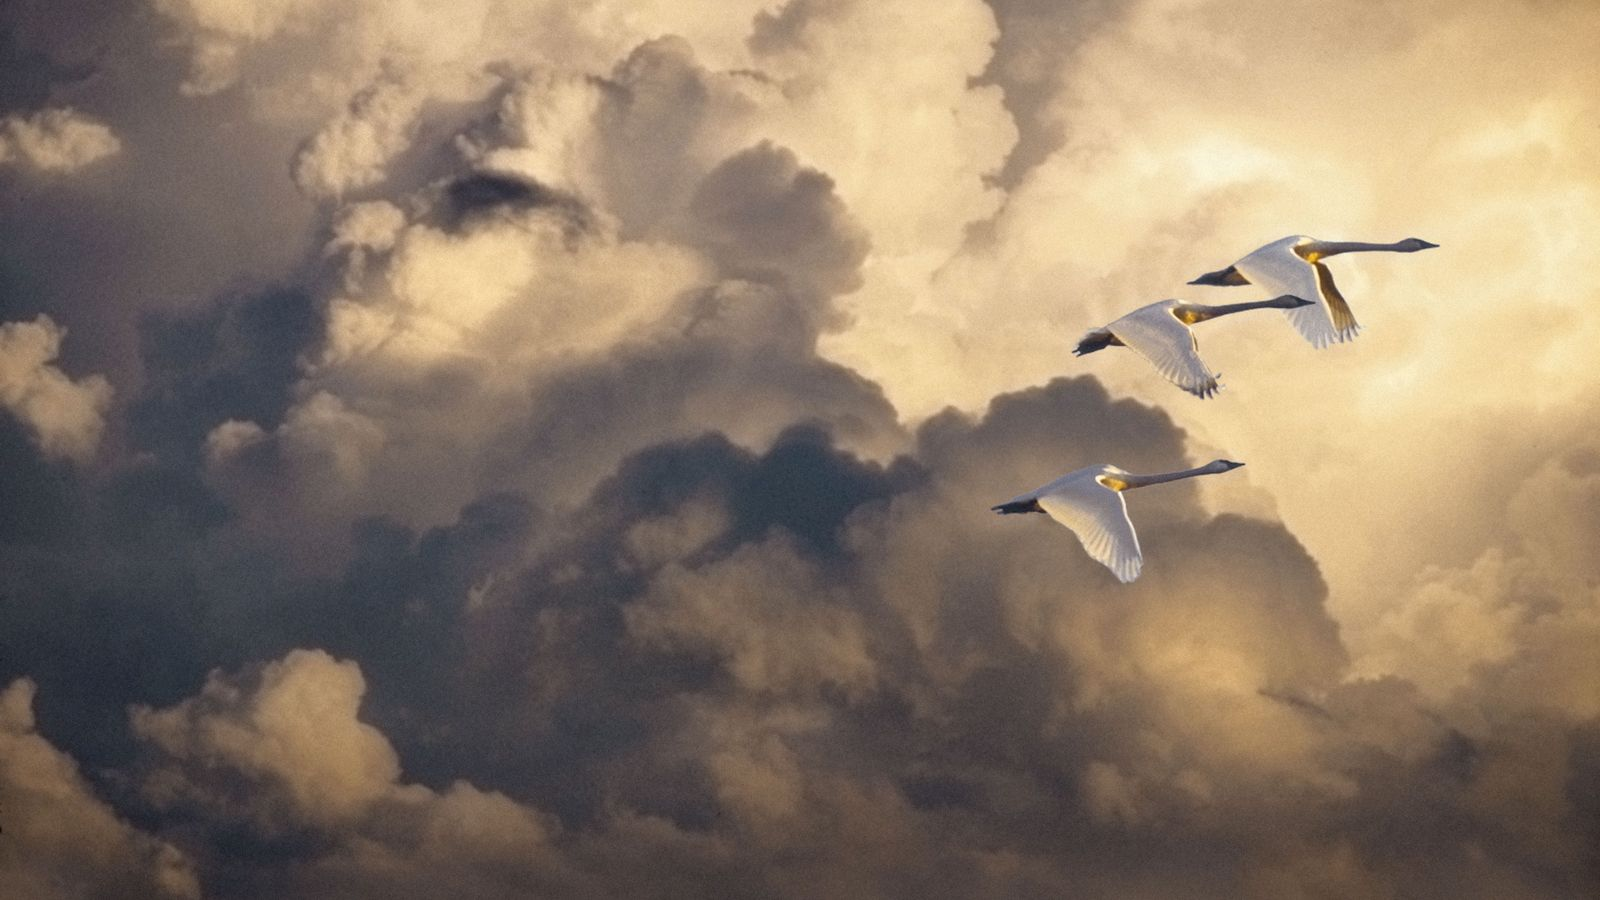 Trois cygnes siffleurs partis de l'Arctique, où l'espèce se reproduit, volent vers la côte pacifique des ...